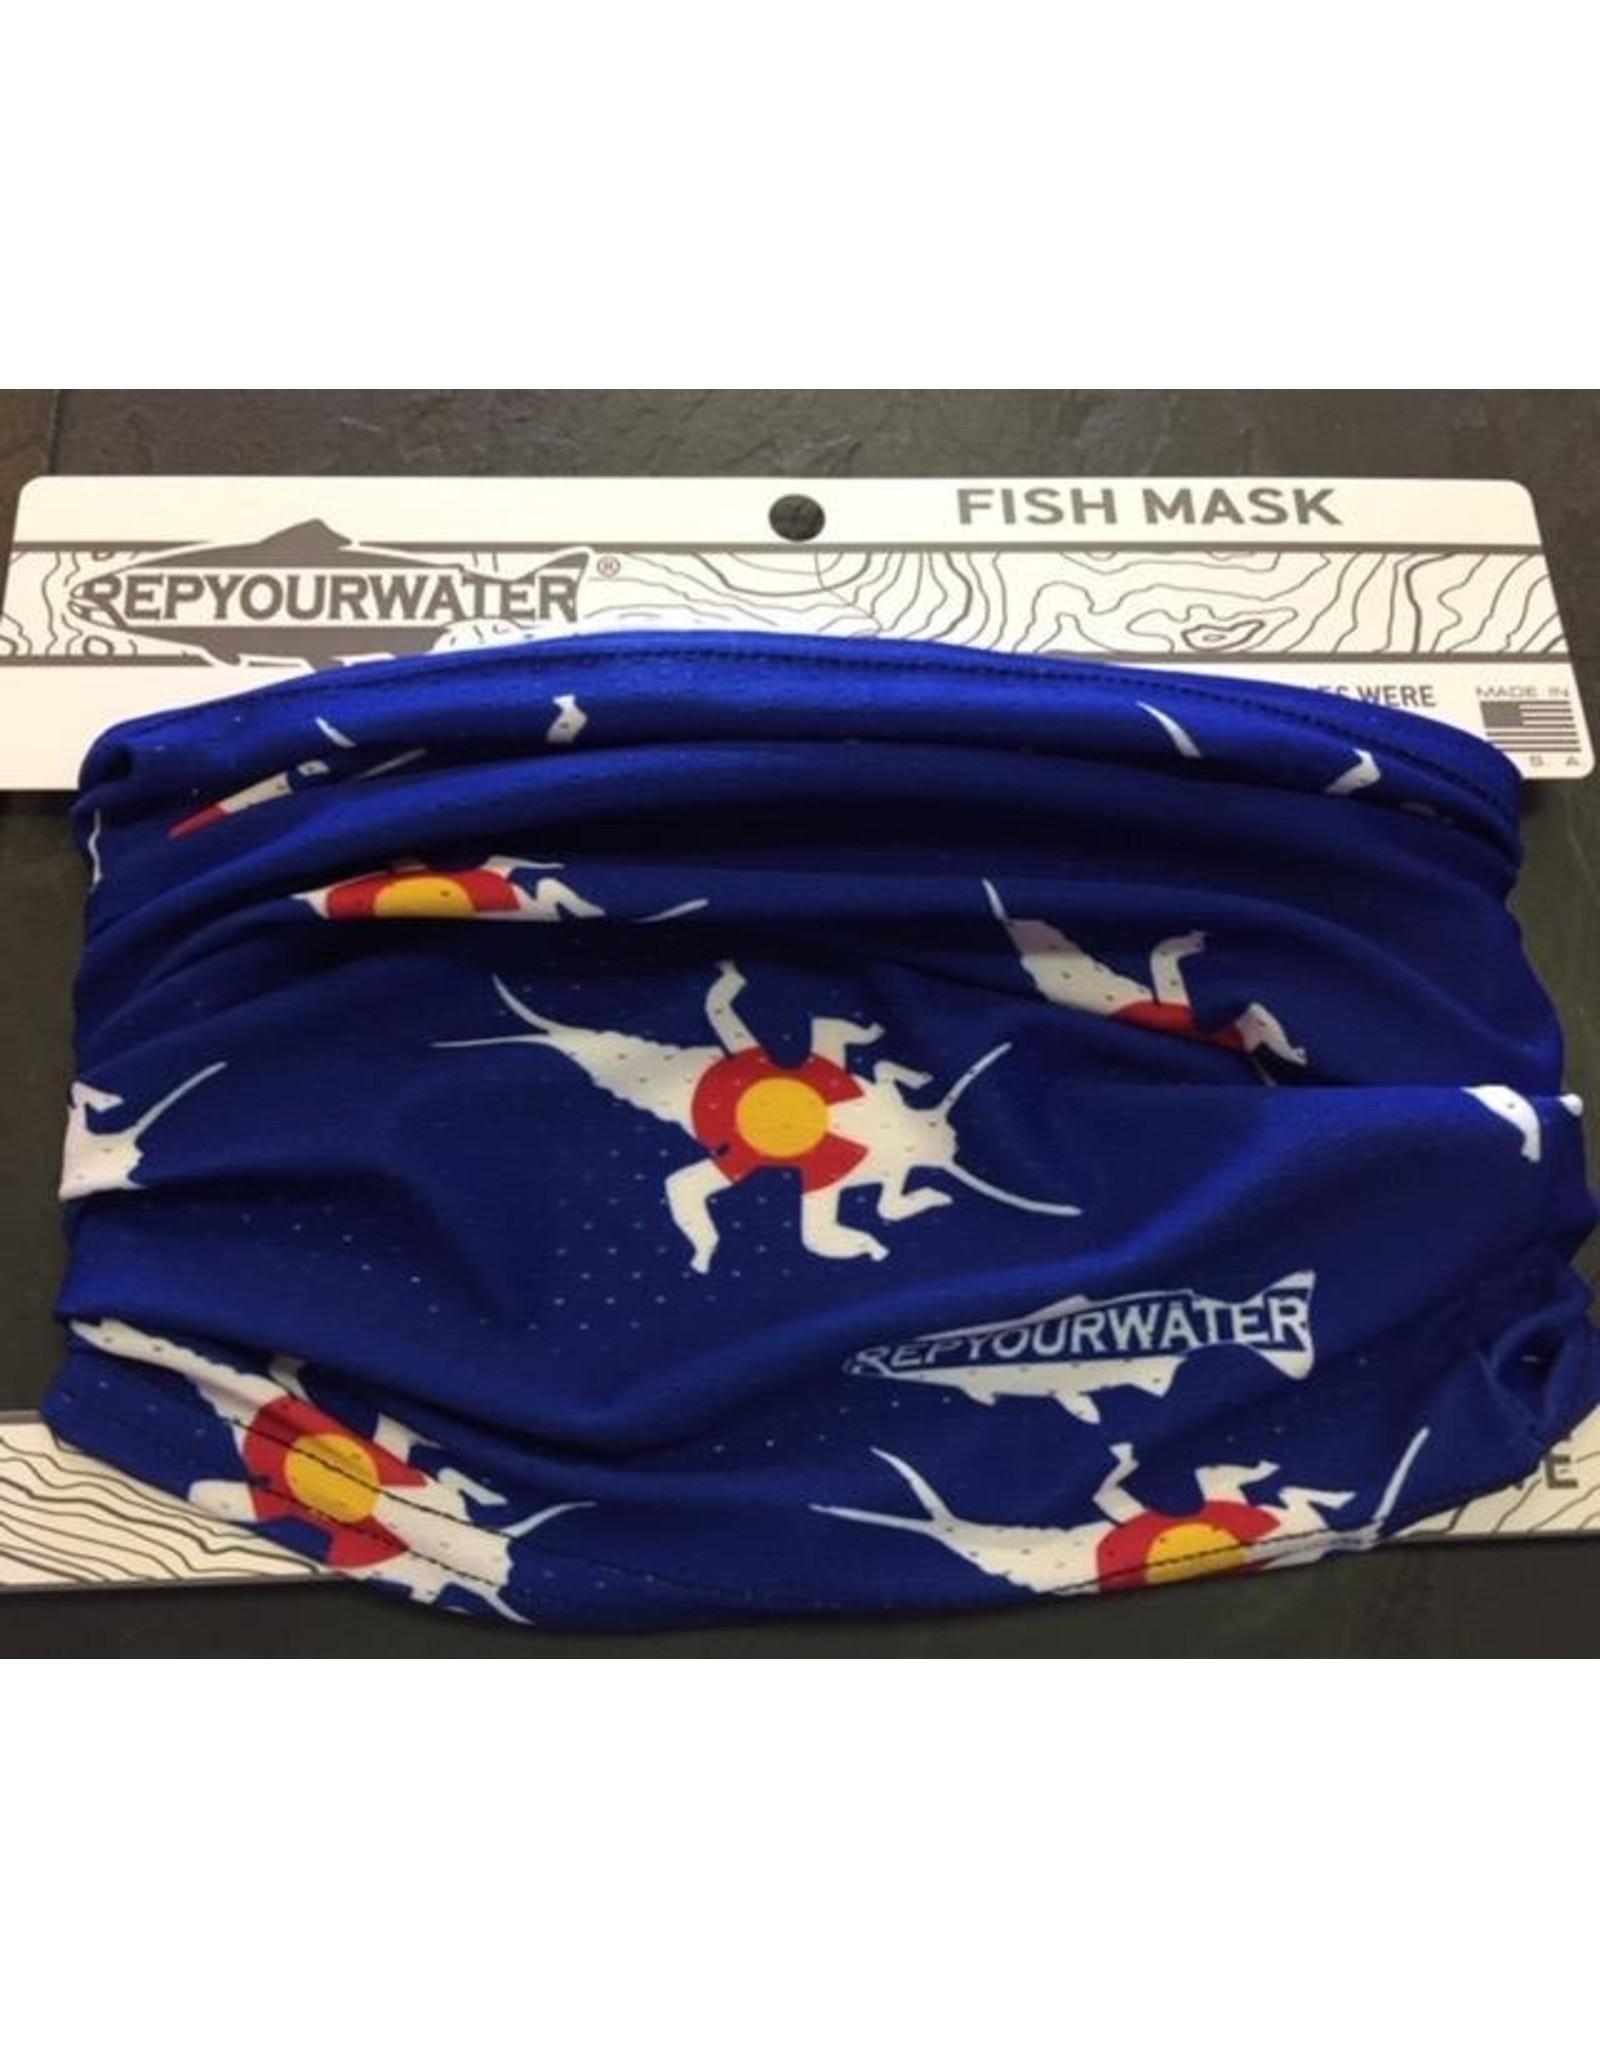 Rep Your Water Fish Mask Stonebug Logo